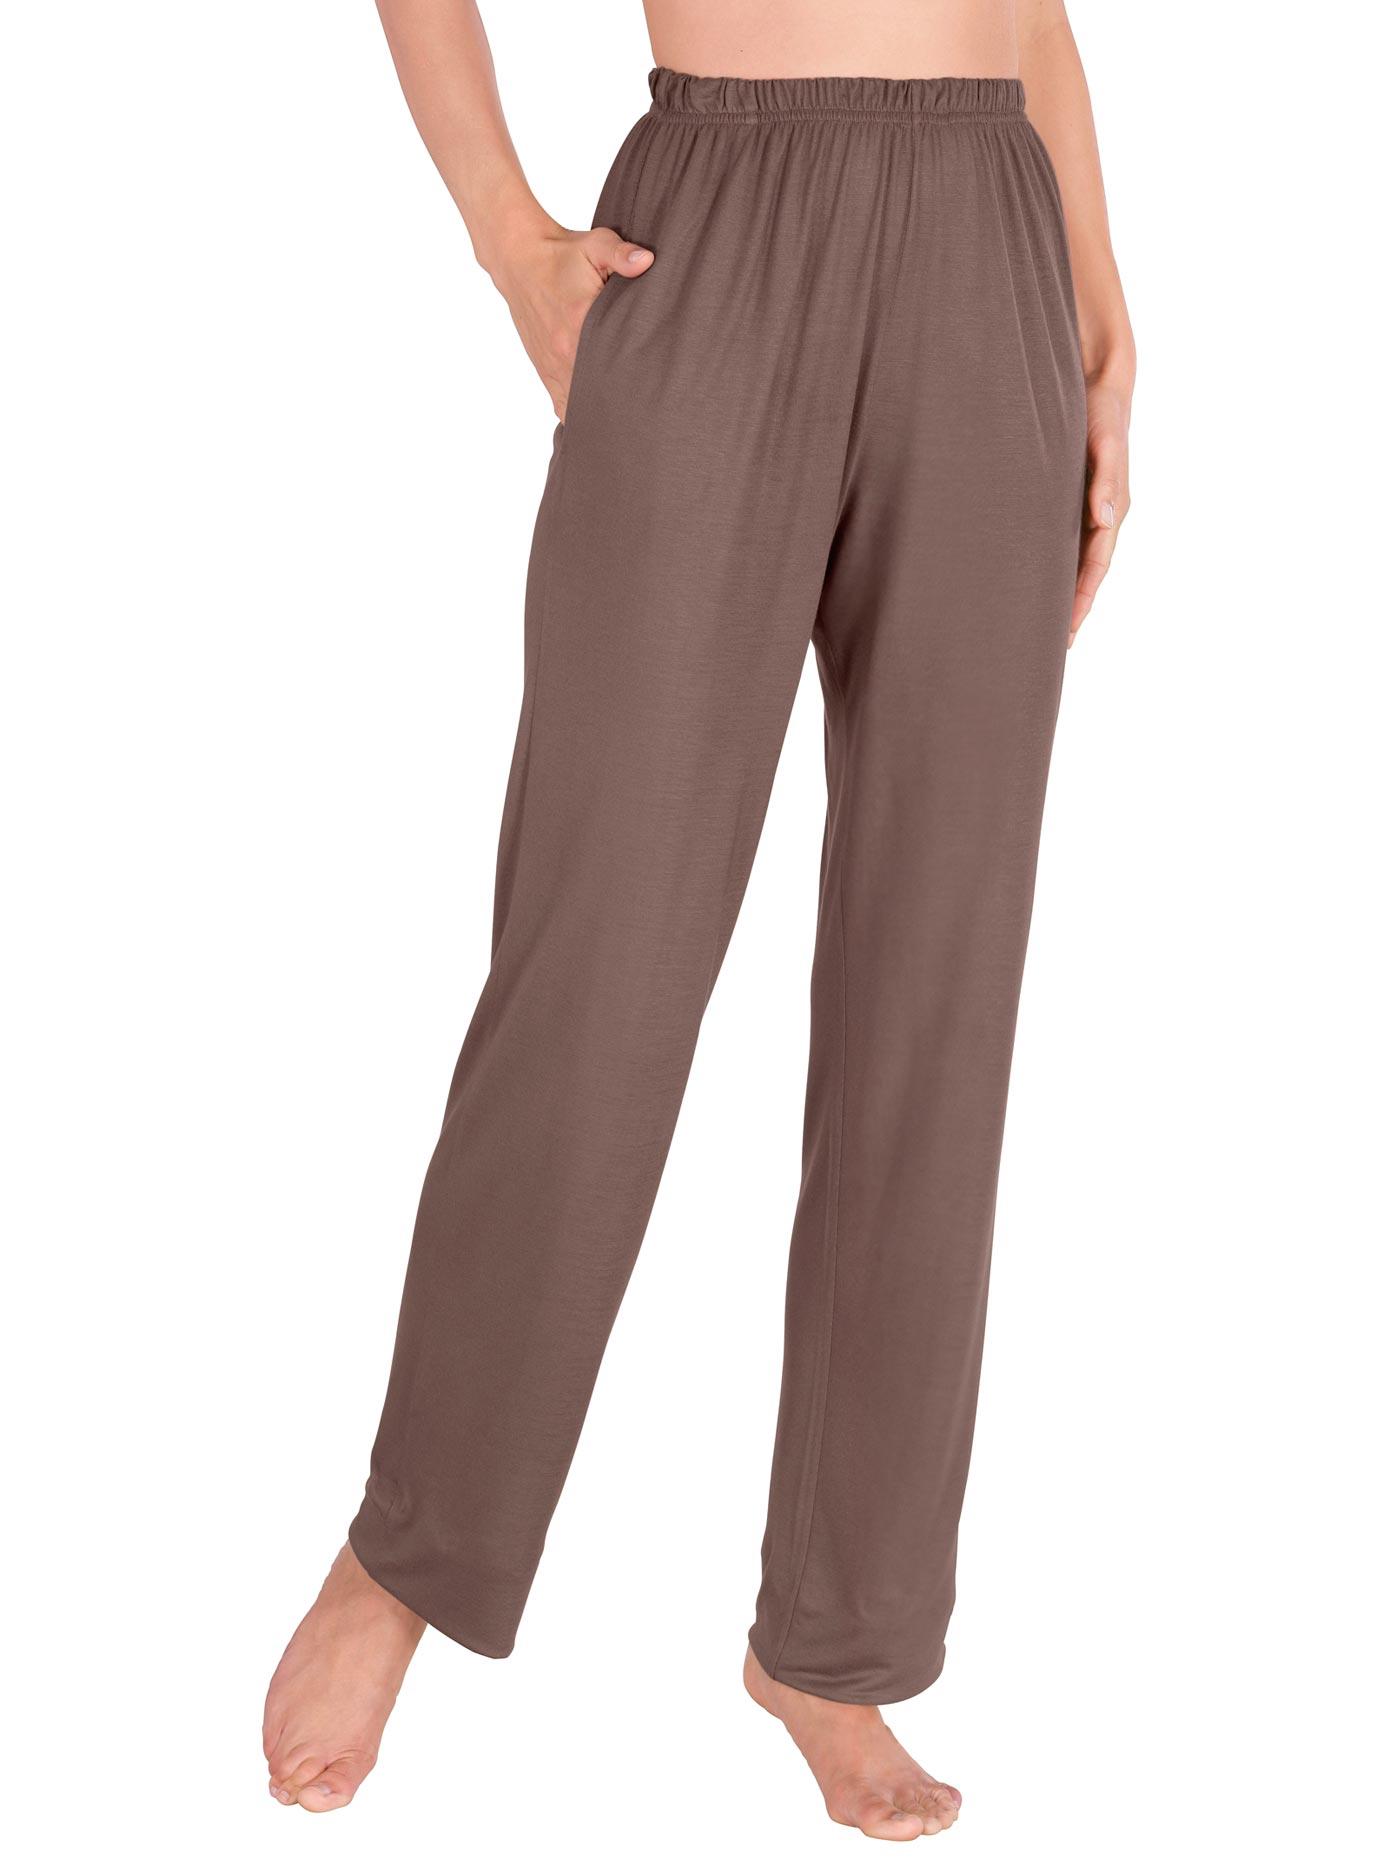 Lady Freizeithose aus weich fließender Qualität   Bekleidung > Hosen > Gerade Hosen